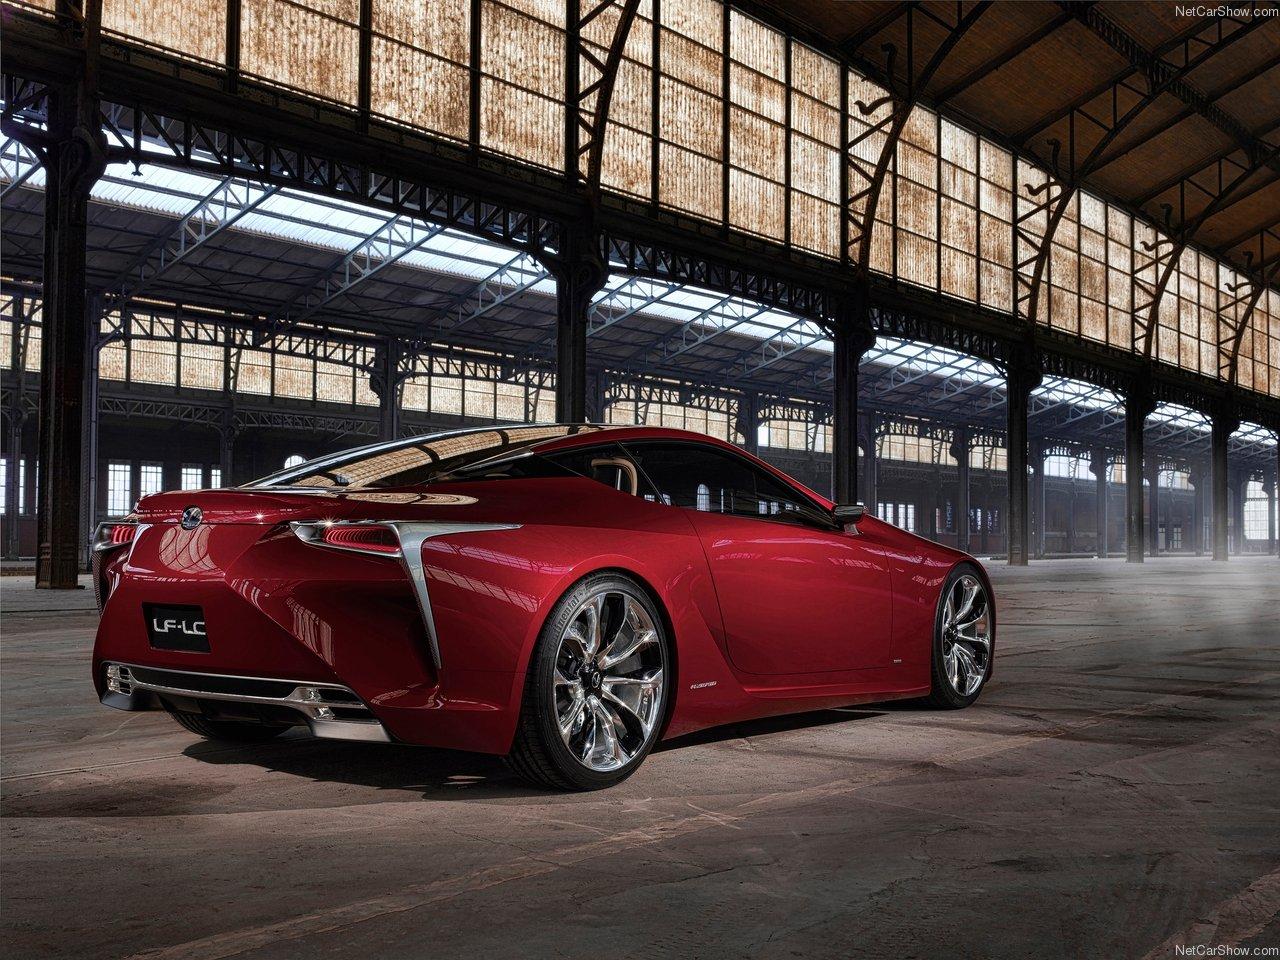 https://i2.wp.com/manonfire.com/wp-content/uploads/2014/05/Lexus-LF-LC_Concept_2012_1280x960_wallpaper_0d.jpg